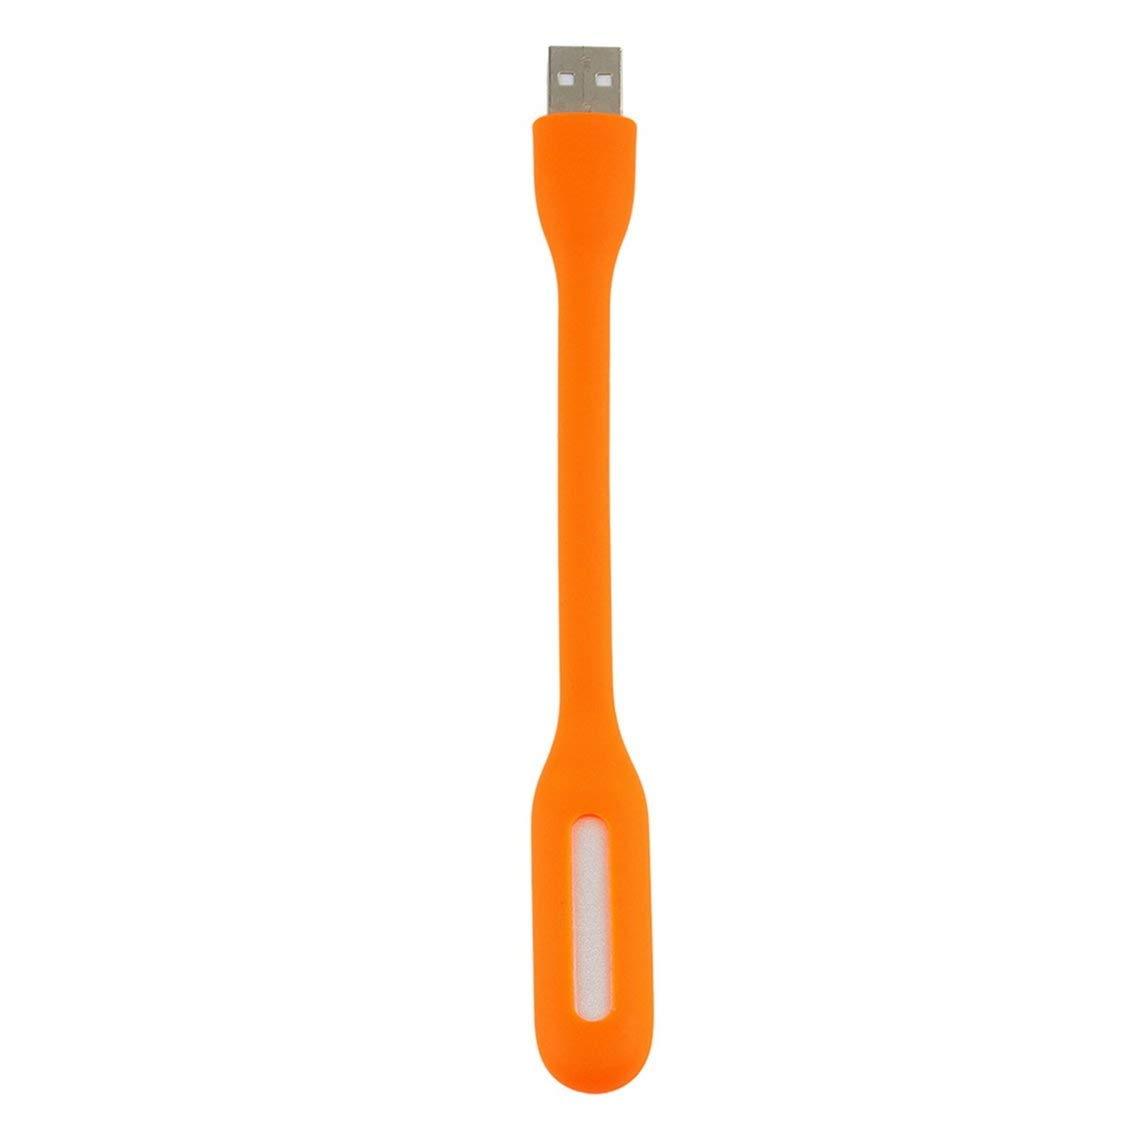 FancyswES8eety Mini l/ámpara USB port/átil Flexible de luz LED para computadora port/átil PC port/átil Banco de energ/ía Mini USB Proteger Las Luces de la computadora del Ojo